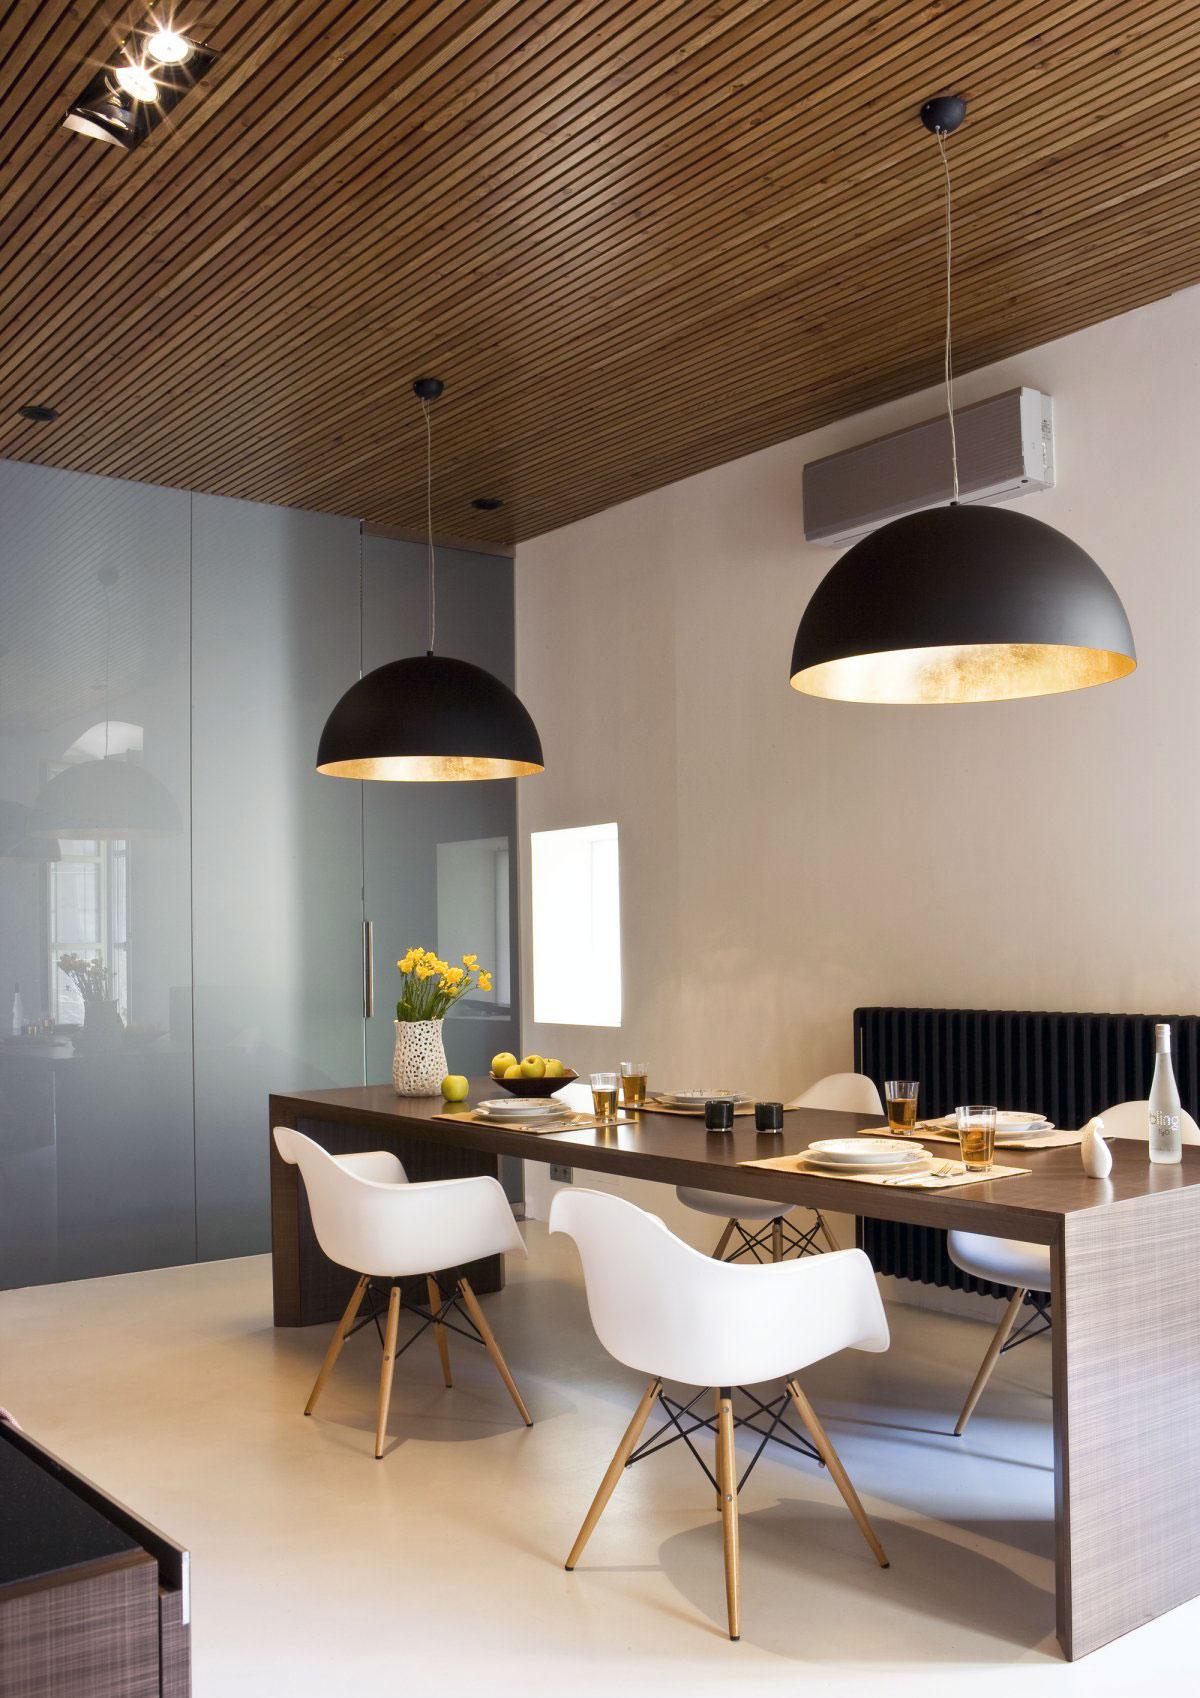 Dining Table in Bronze Metal Panel Design  Interior Design Ideas